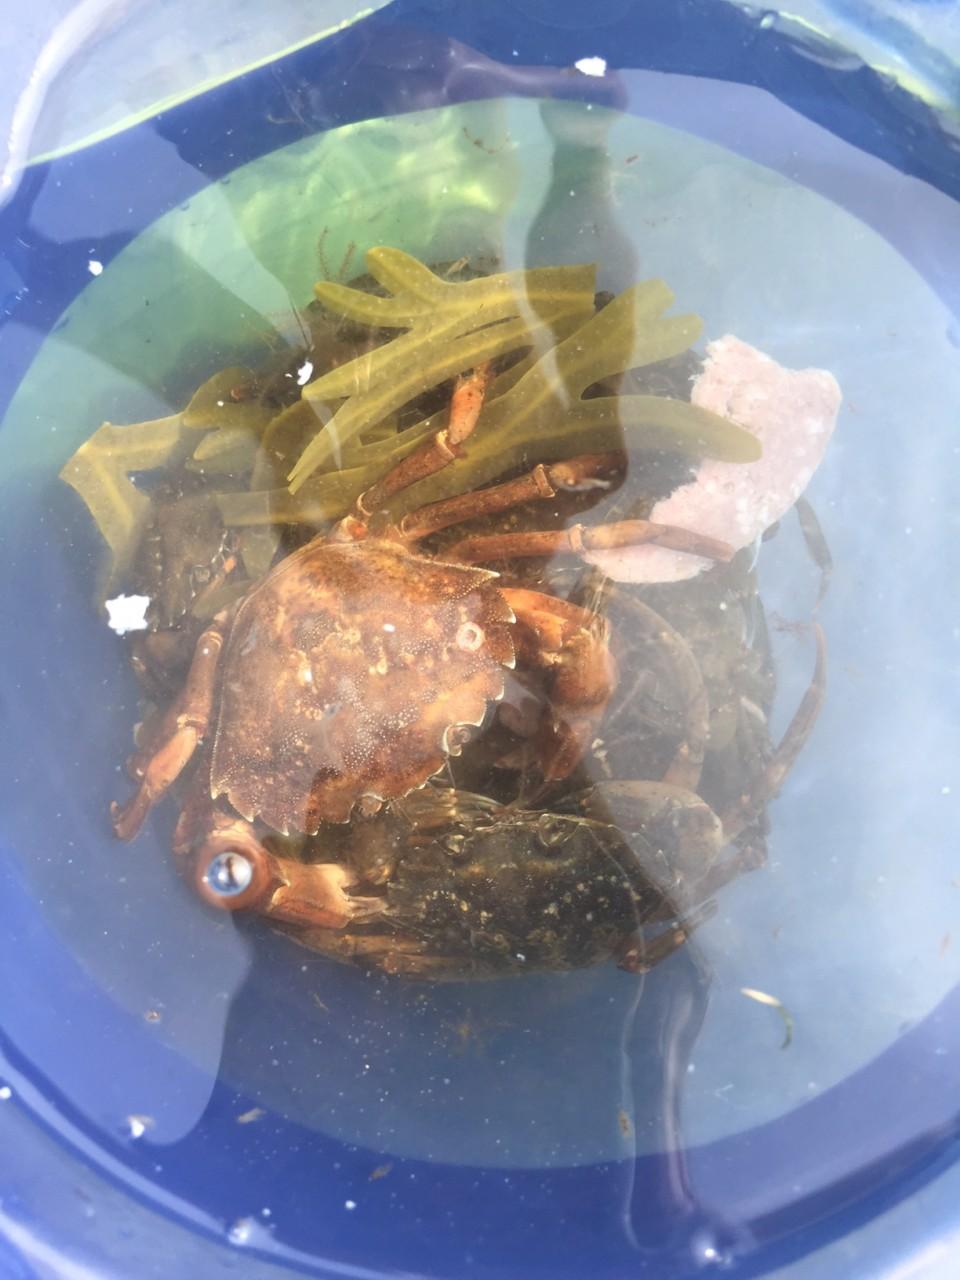 krabbe-fangst-tisvilde-andrea-rudolph-green-house